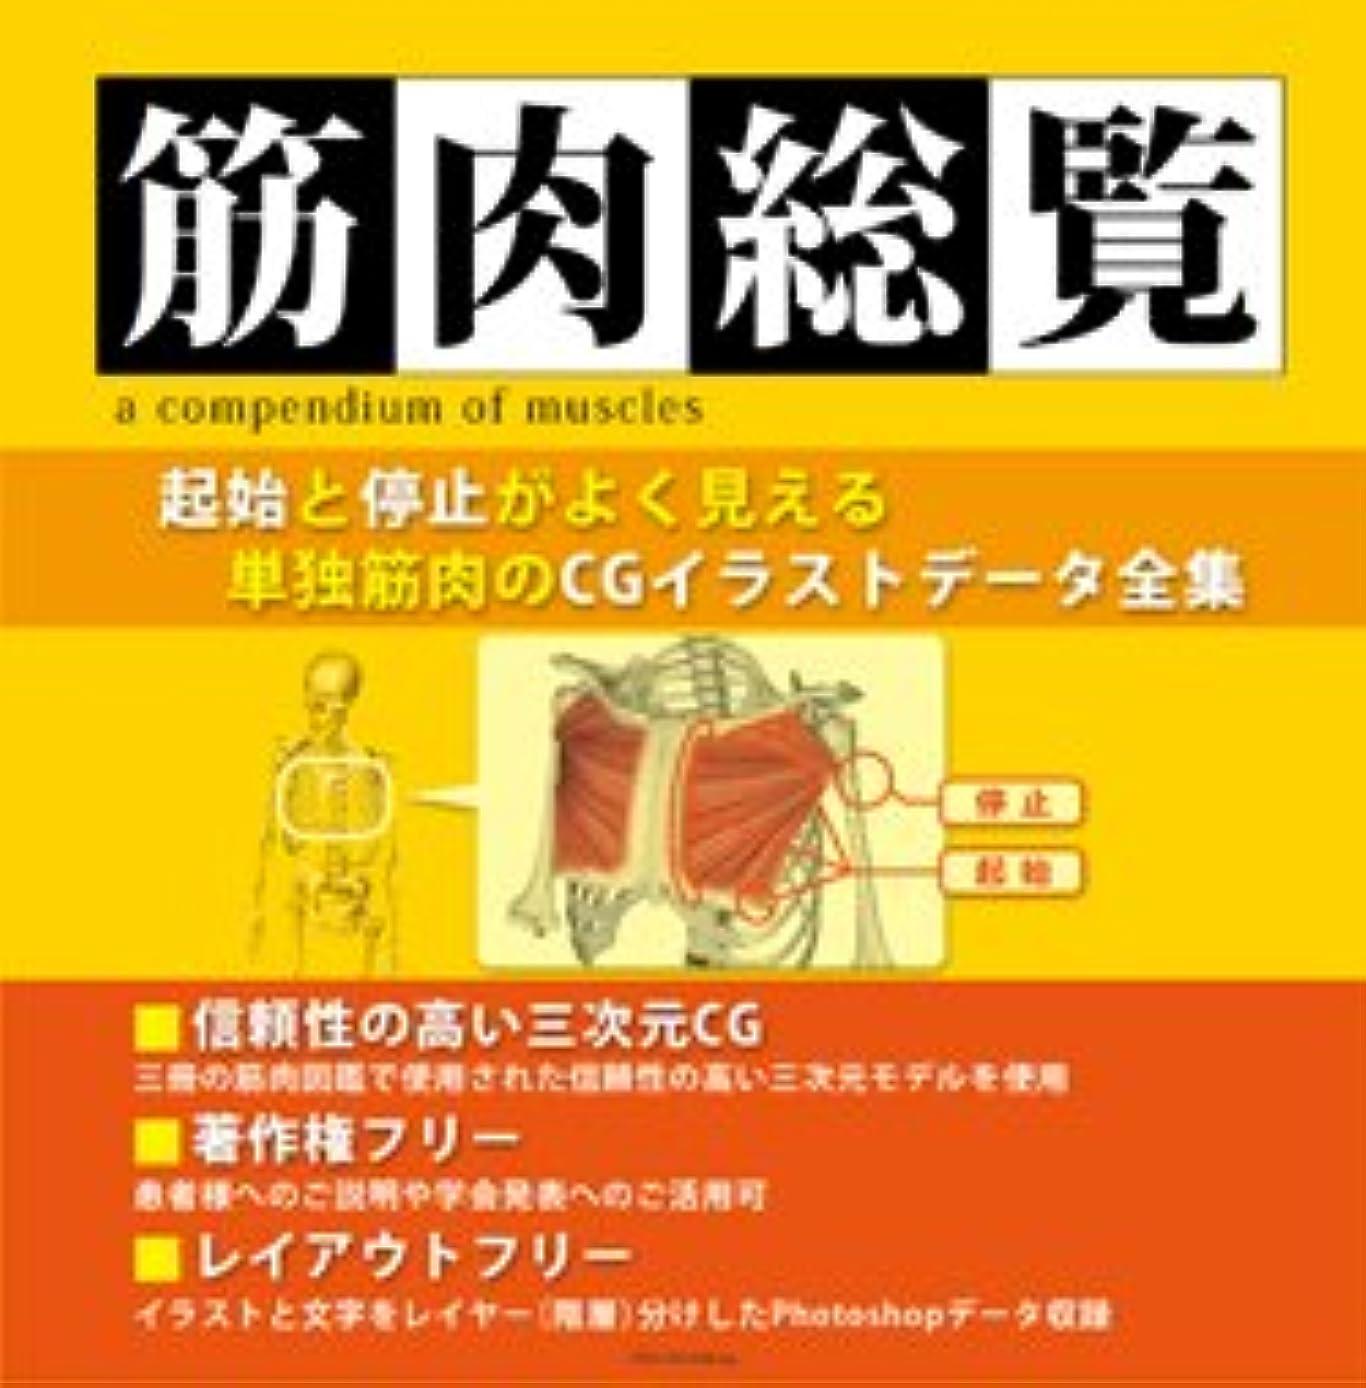 ベーリング海峡女の子快い著作権フリー筋肉イラスト集 筋肉総覧DVD-ROM